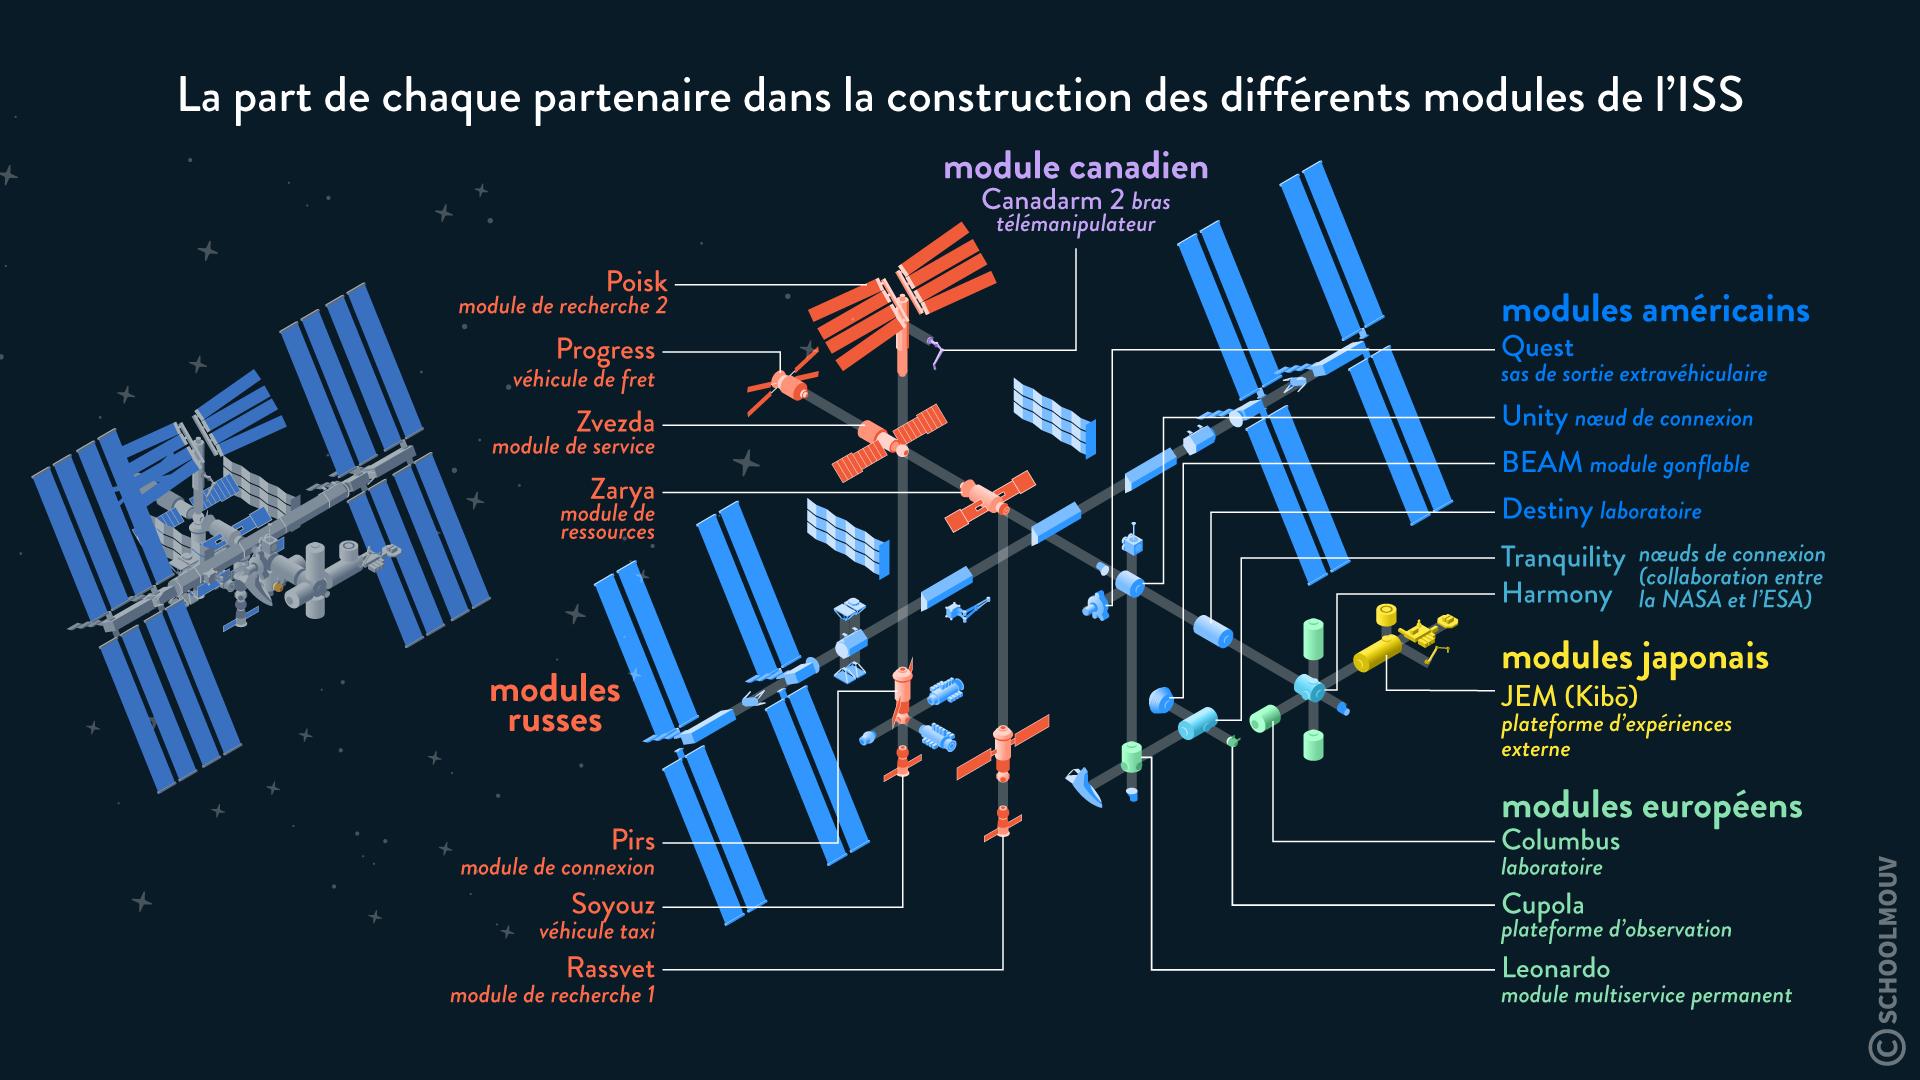 La part de chaque partenaire dans la construction des différents modules de l'ISS collaboration internationale conquête spatiale hggsp histoire géographie géopolitique et sciences politique spécialité terminale